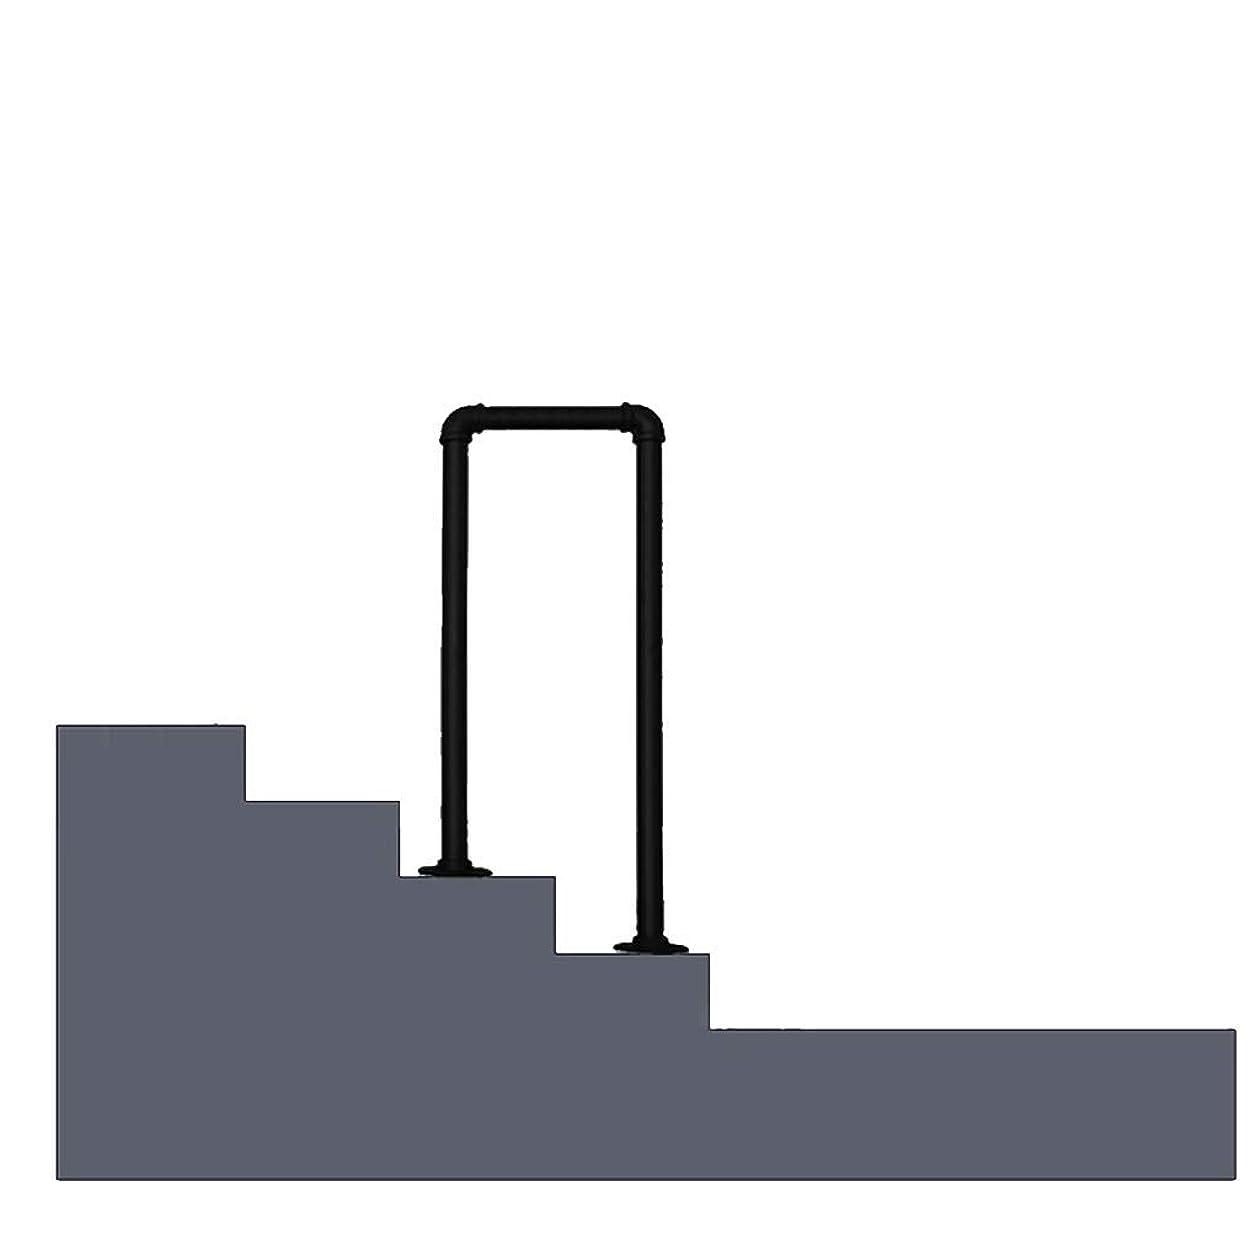 マニア経済的スナップKDJJH U字状のミッド遷移手すり、ブラックマット2 ステップ 階段の手すりインストールキットと階段の手すり 階段の手すり、U字状,75cm(2.5ft)